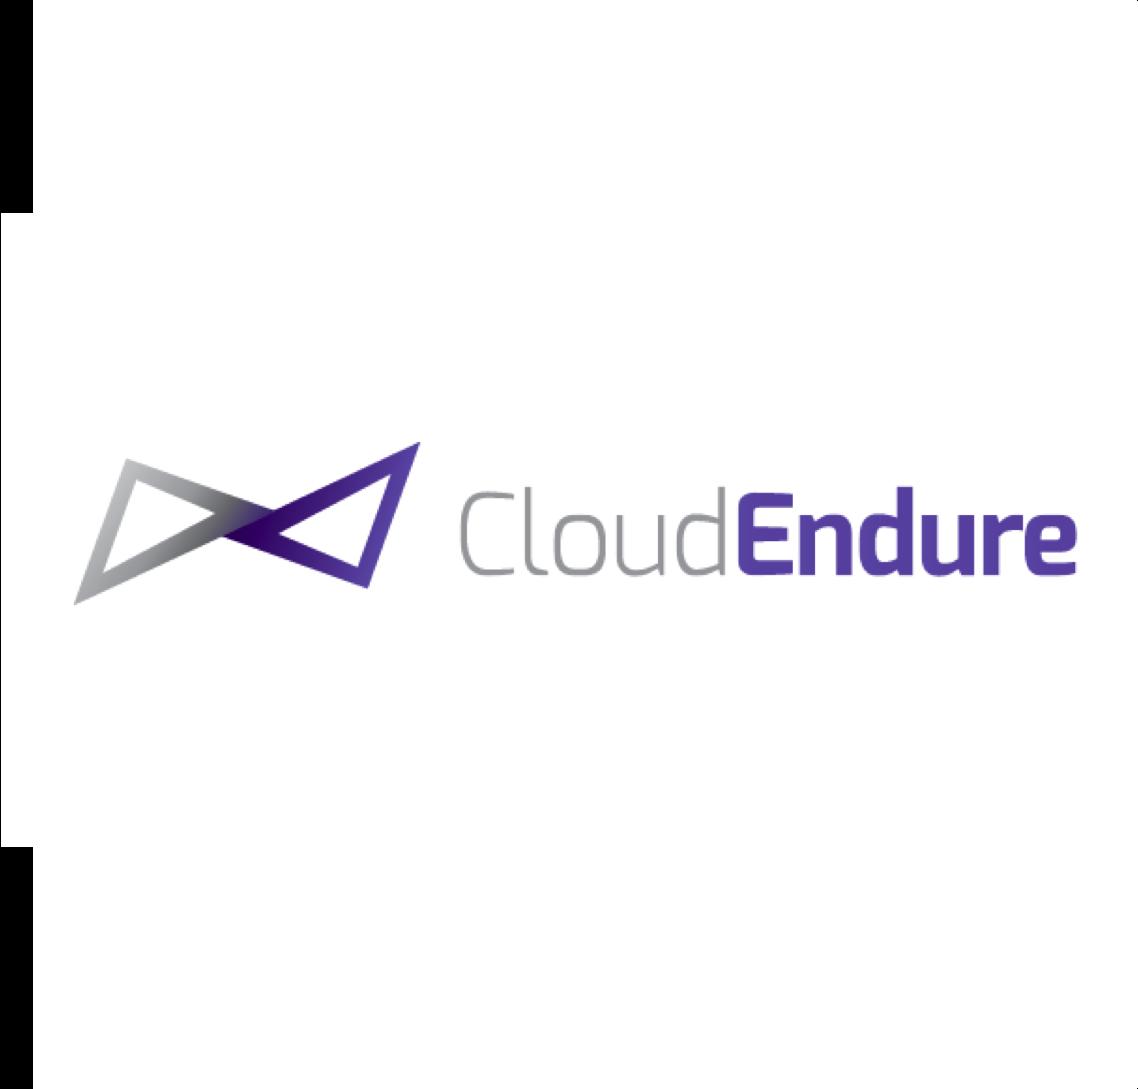 cloudendure logo